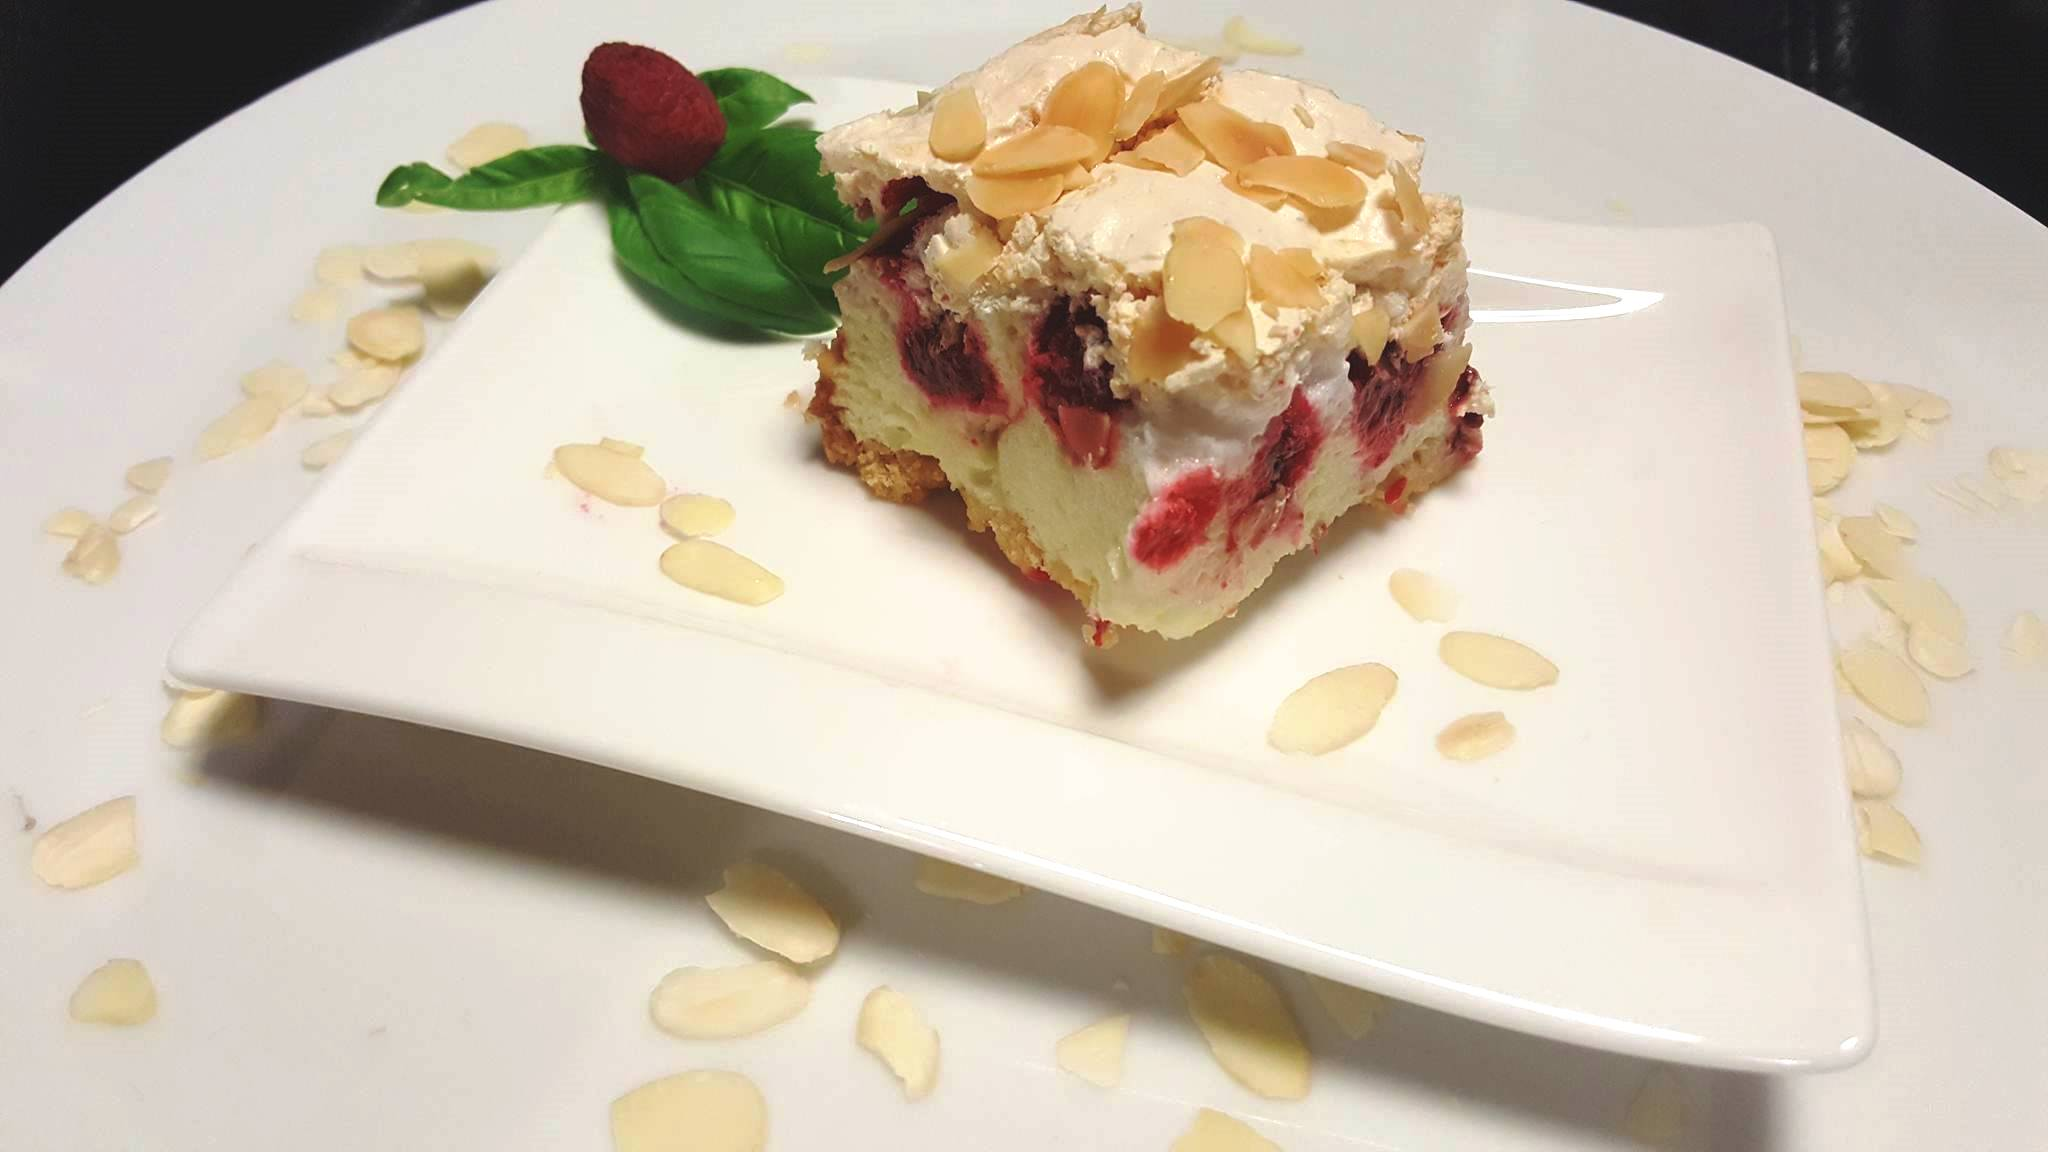 Kruche ciasto z budyniową pianką, malinami i bezą